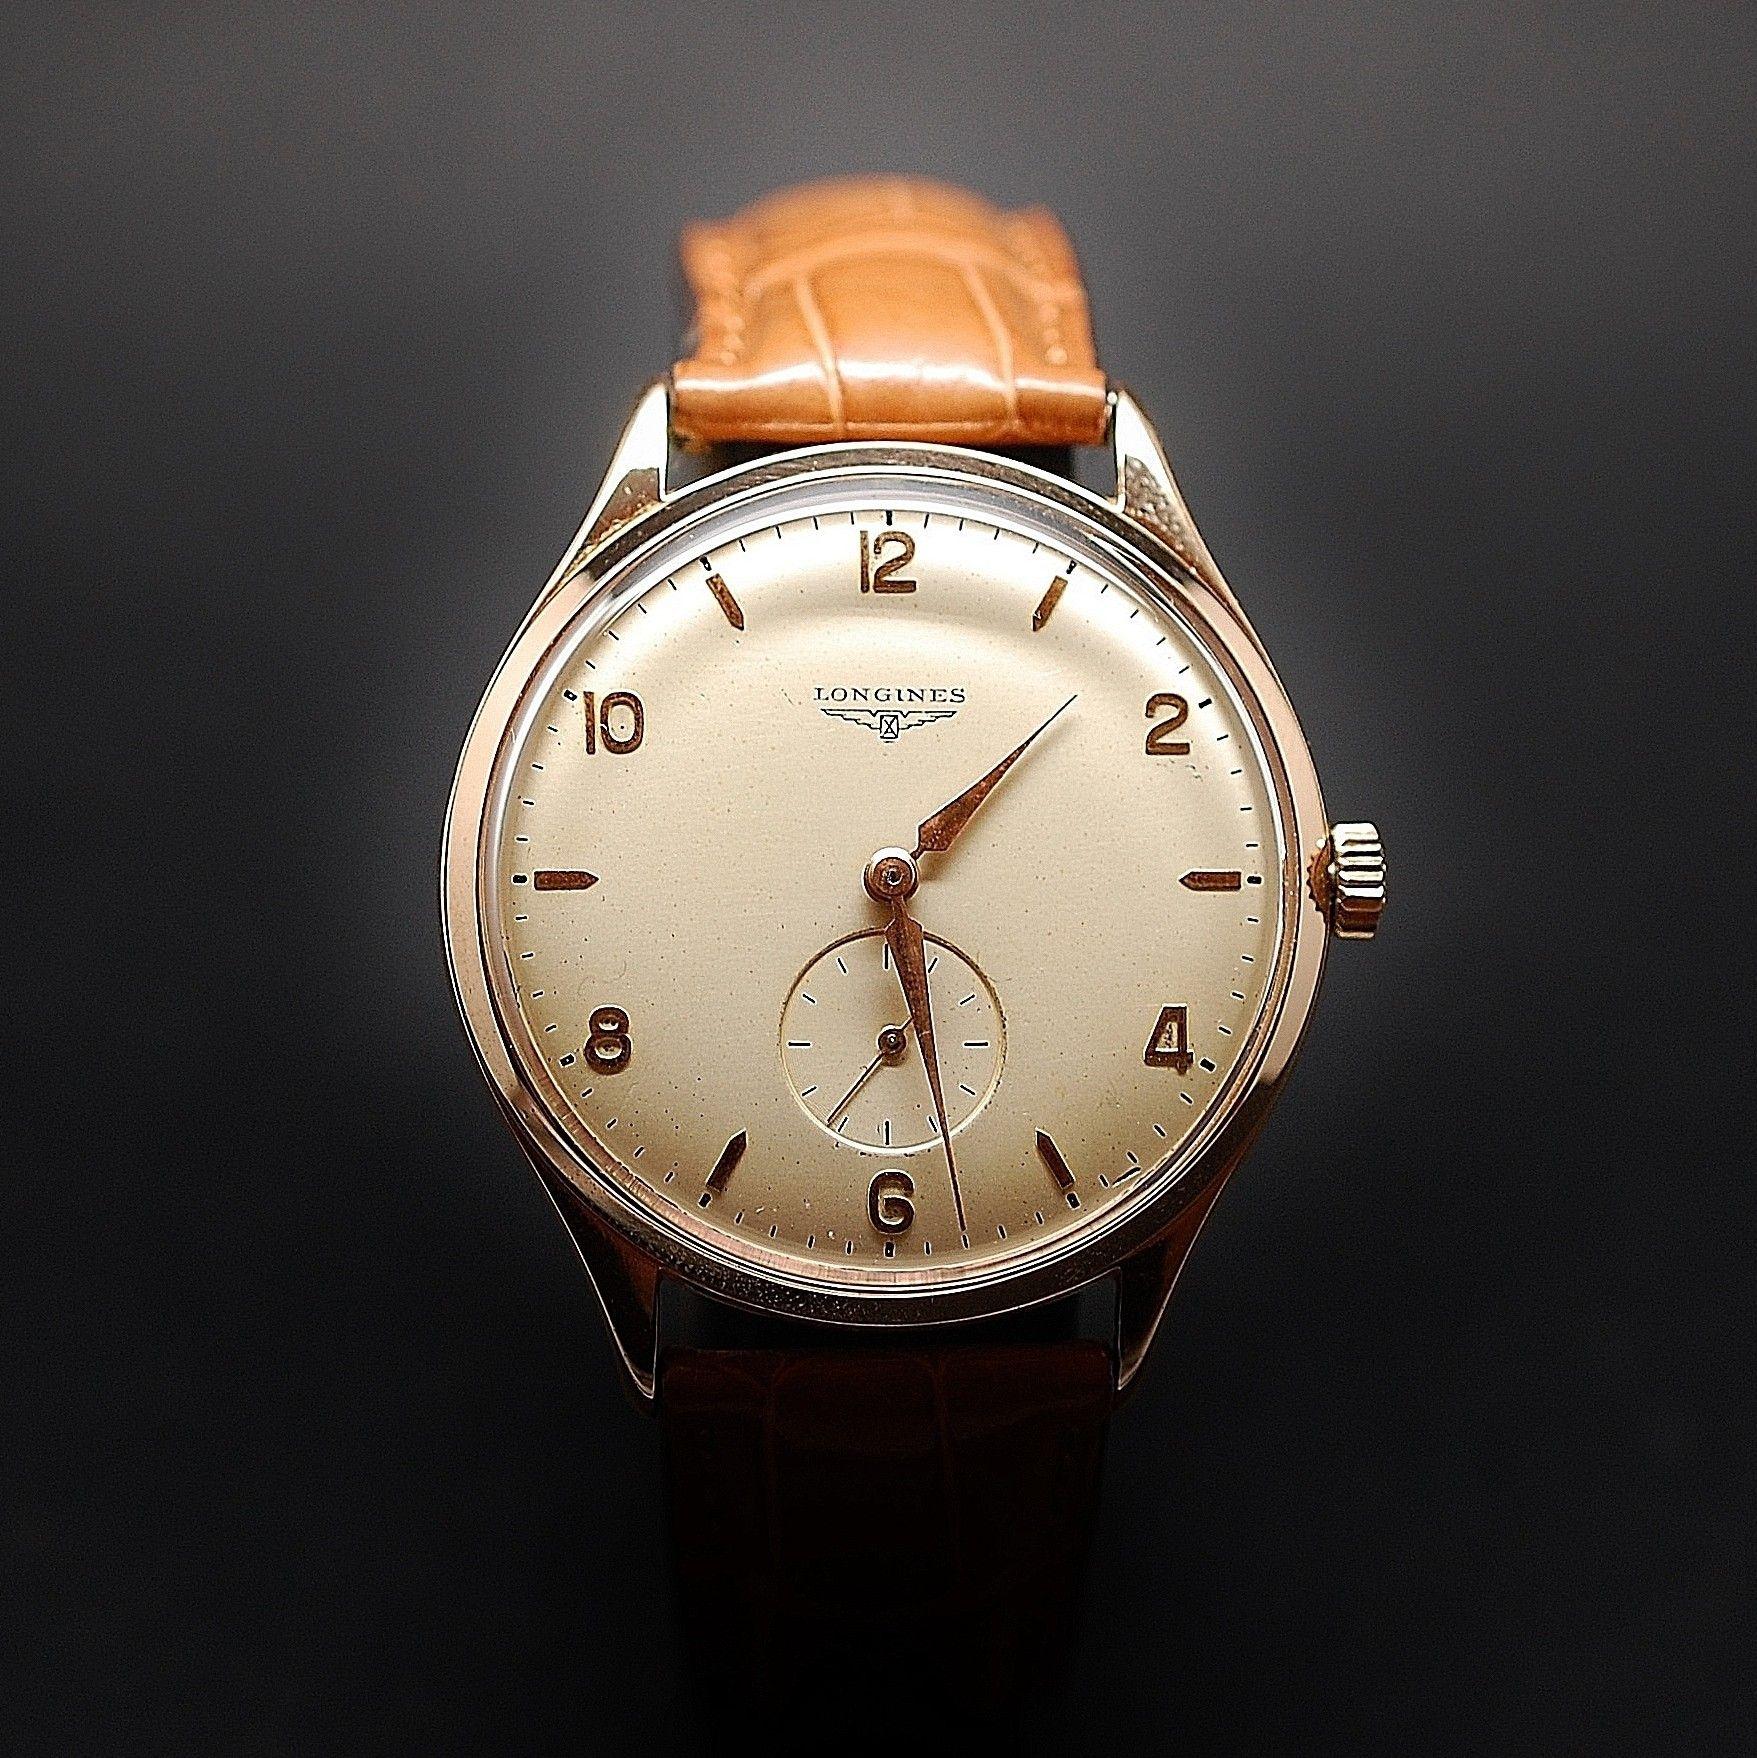 8021e3d1de à vendre : 1500€ Montre Longines Vintage Homme en Or rose 18k Mécanique  Vers 1950